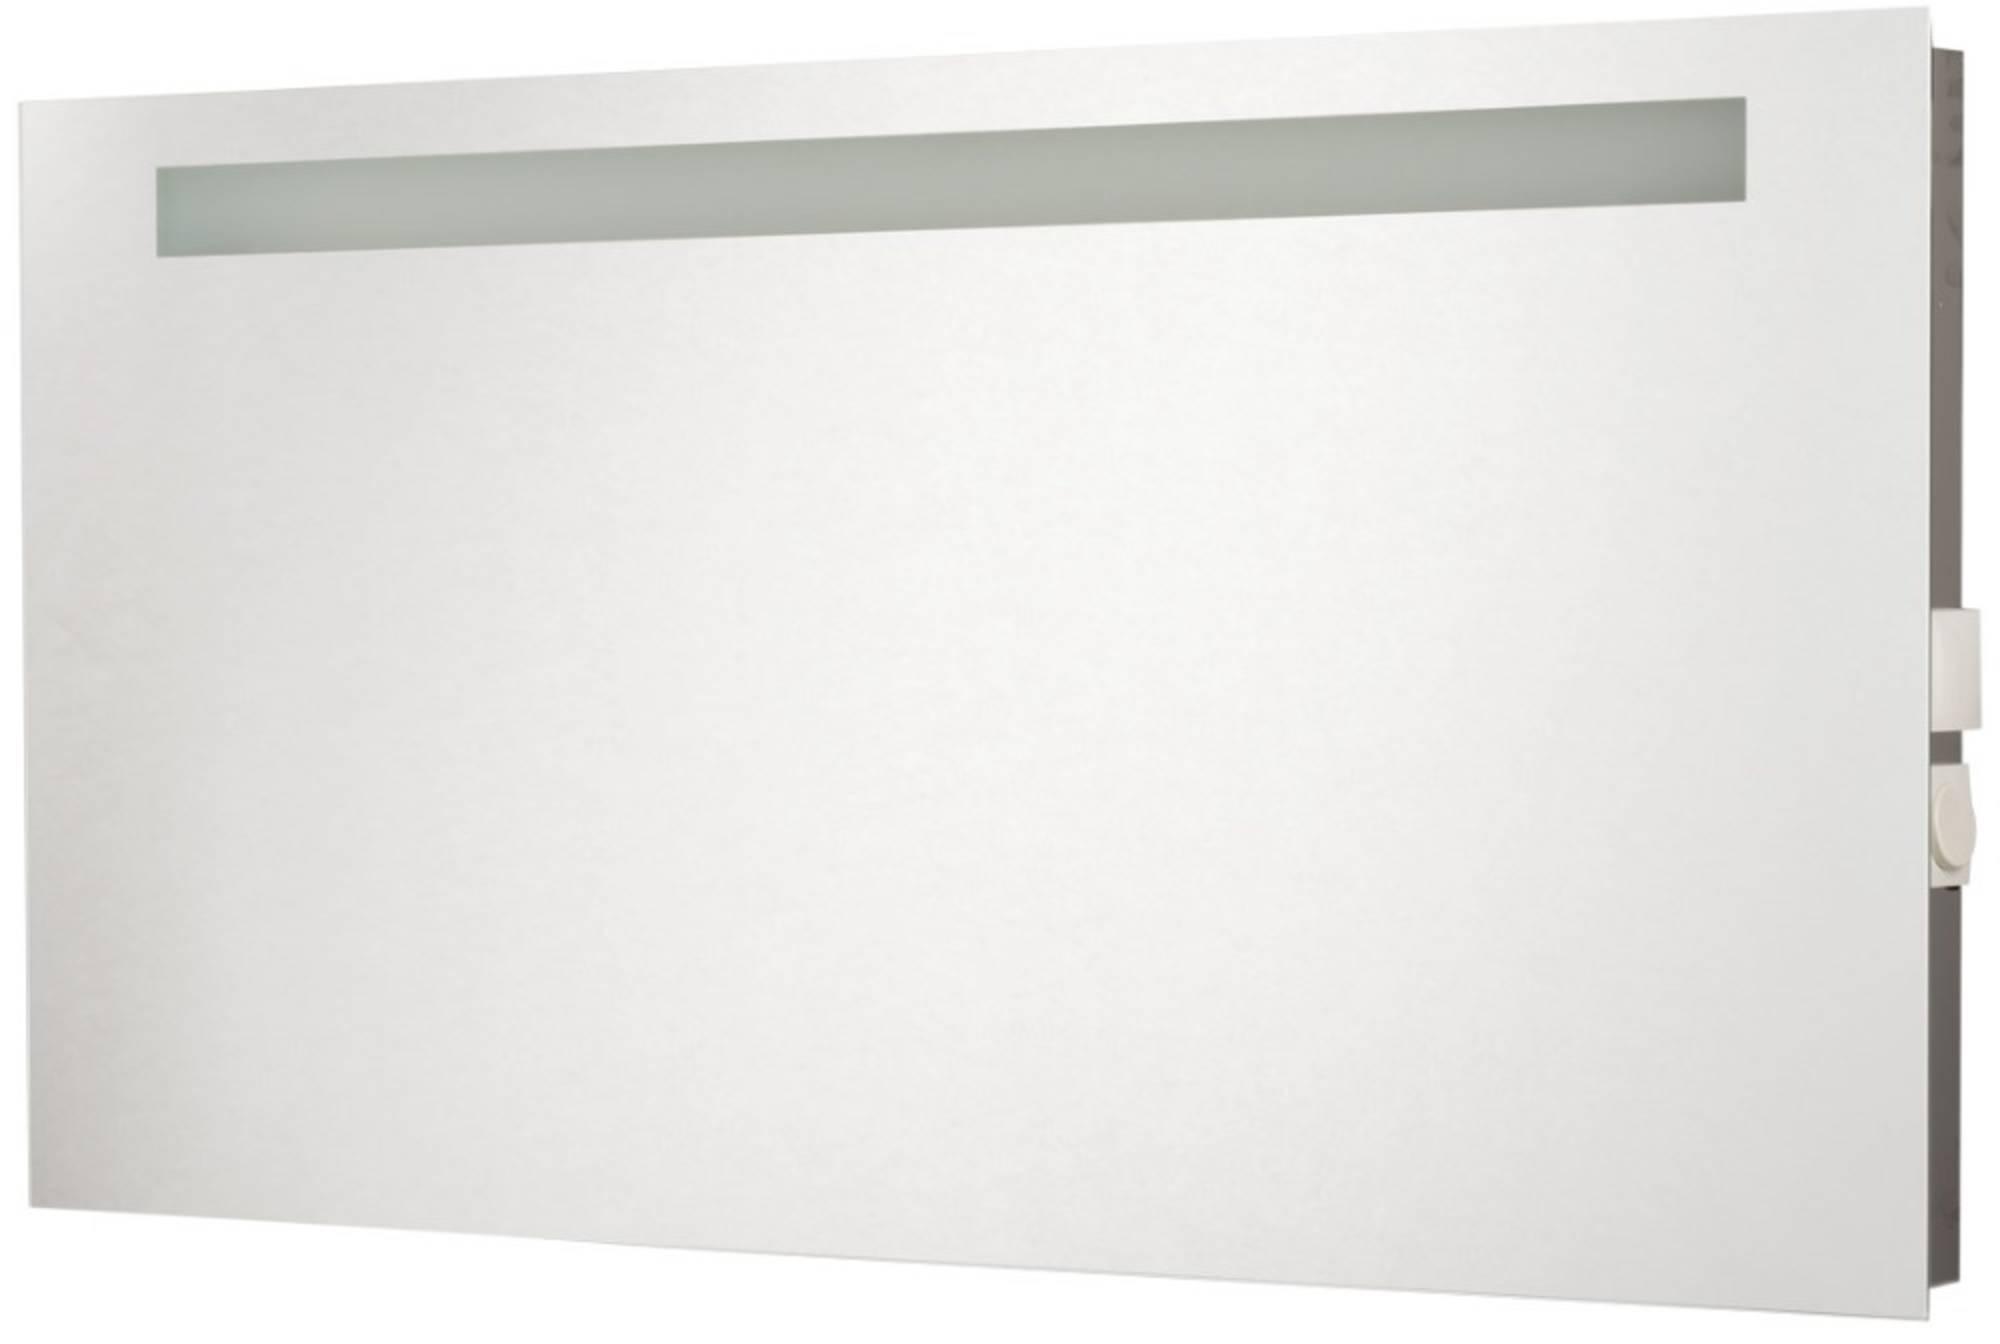 Ben Vario Stia spiegel met LED verlichting en stopcontact/schakelaar 140x65cm